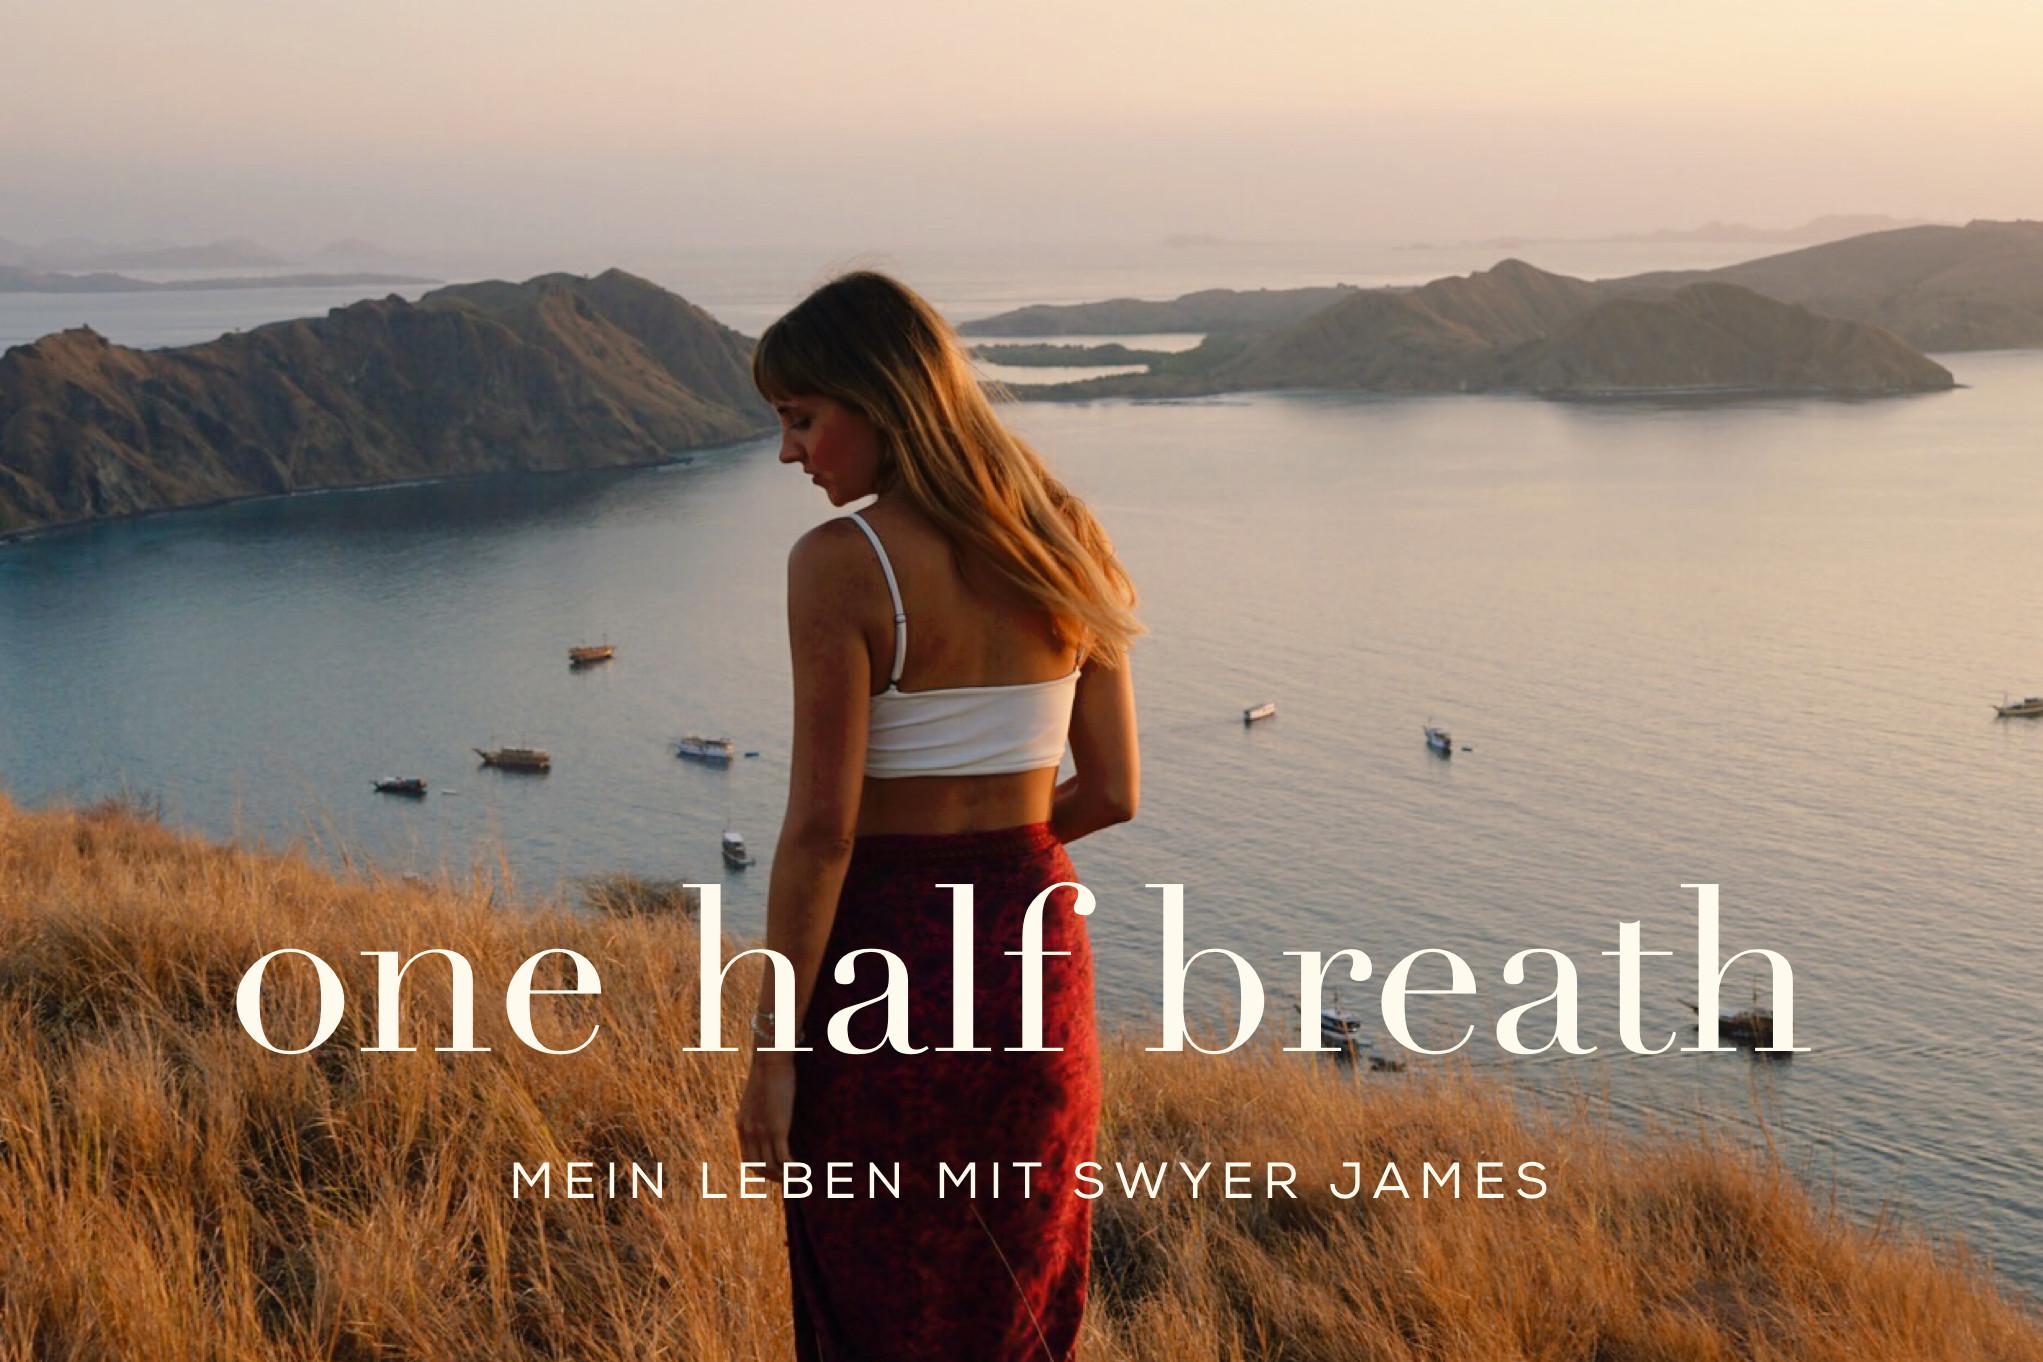 Stephanie, 2020-06-04, www.onehalfbreath.de, Leben mit dem Swyer-James-Macleod-Syndrom